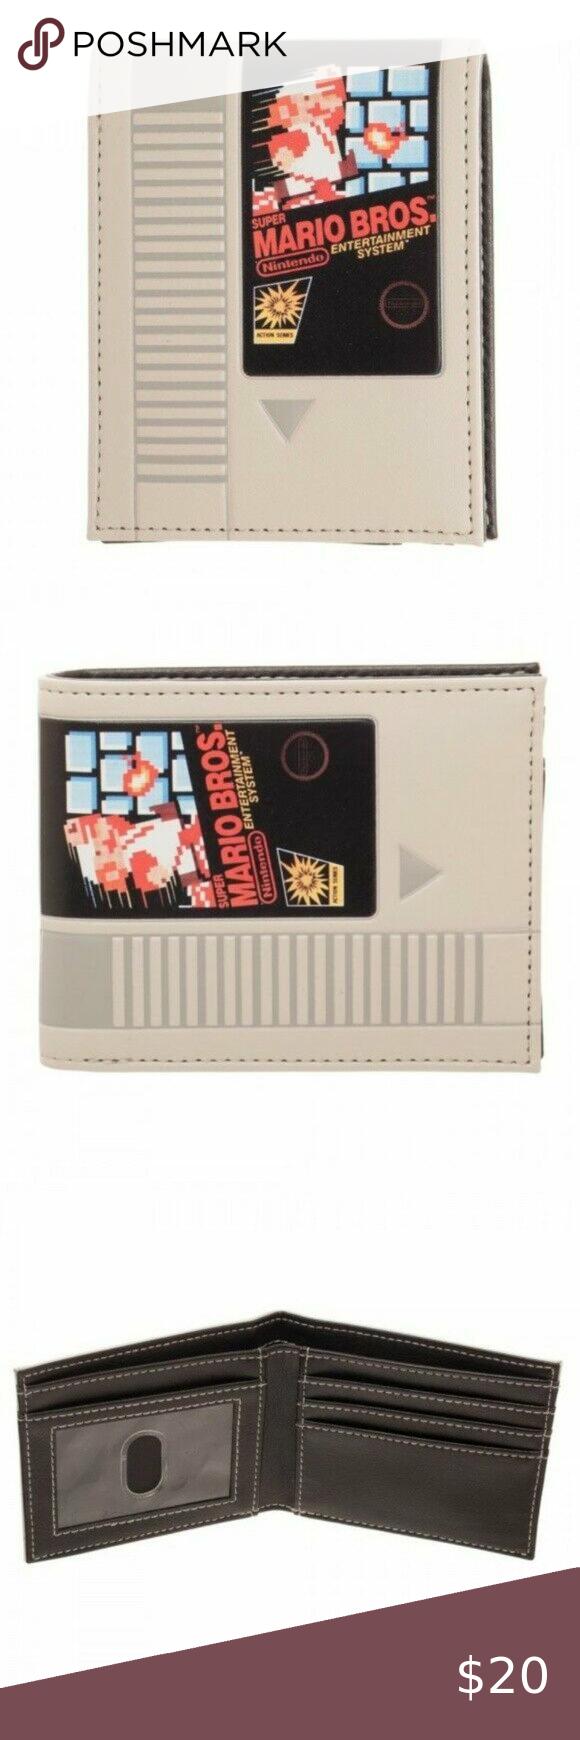 Nintendo Nes Super Mario Bros Classic Retro Wallet In 2020 Super Mario Bros Super Mario Mario Bros